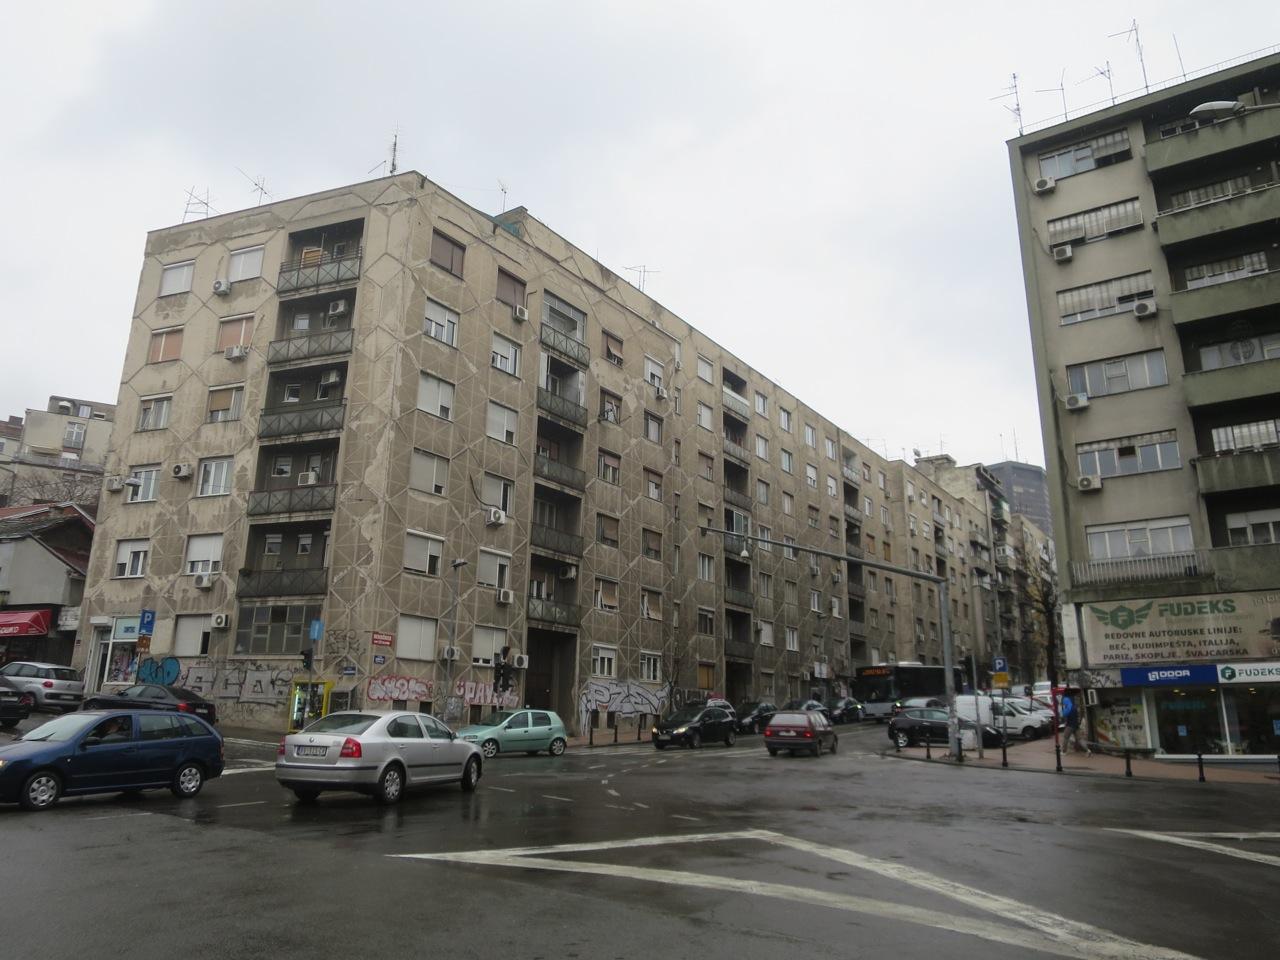 Belgrade 1-19